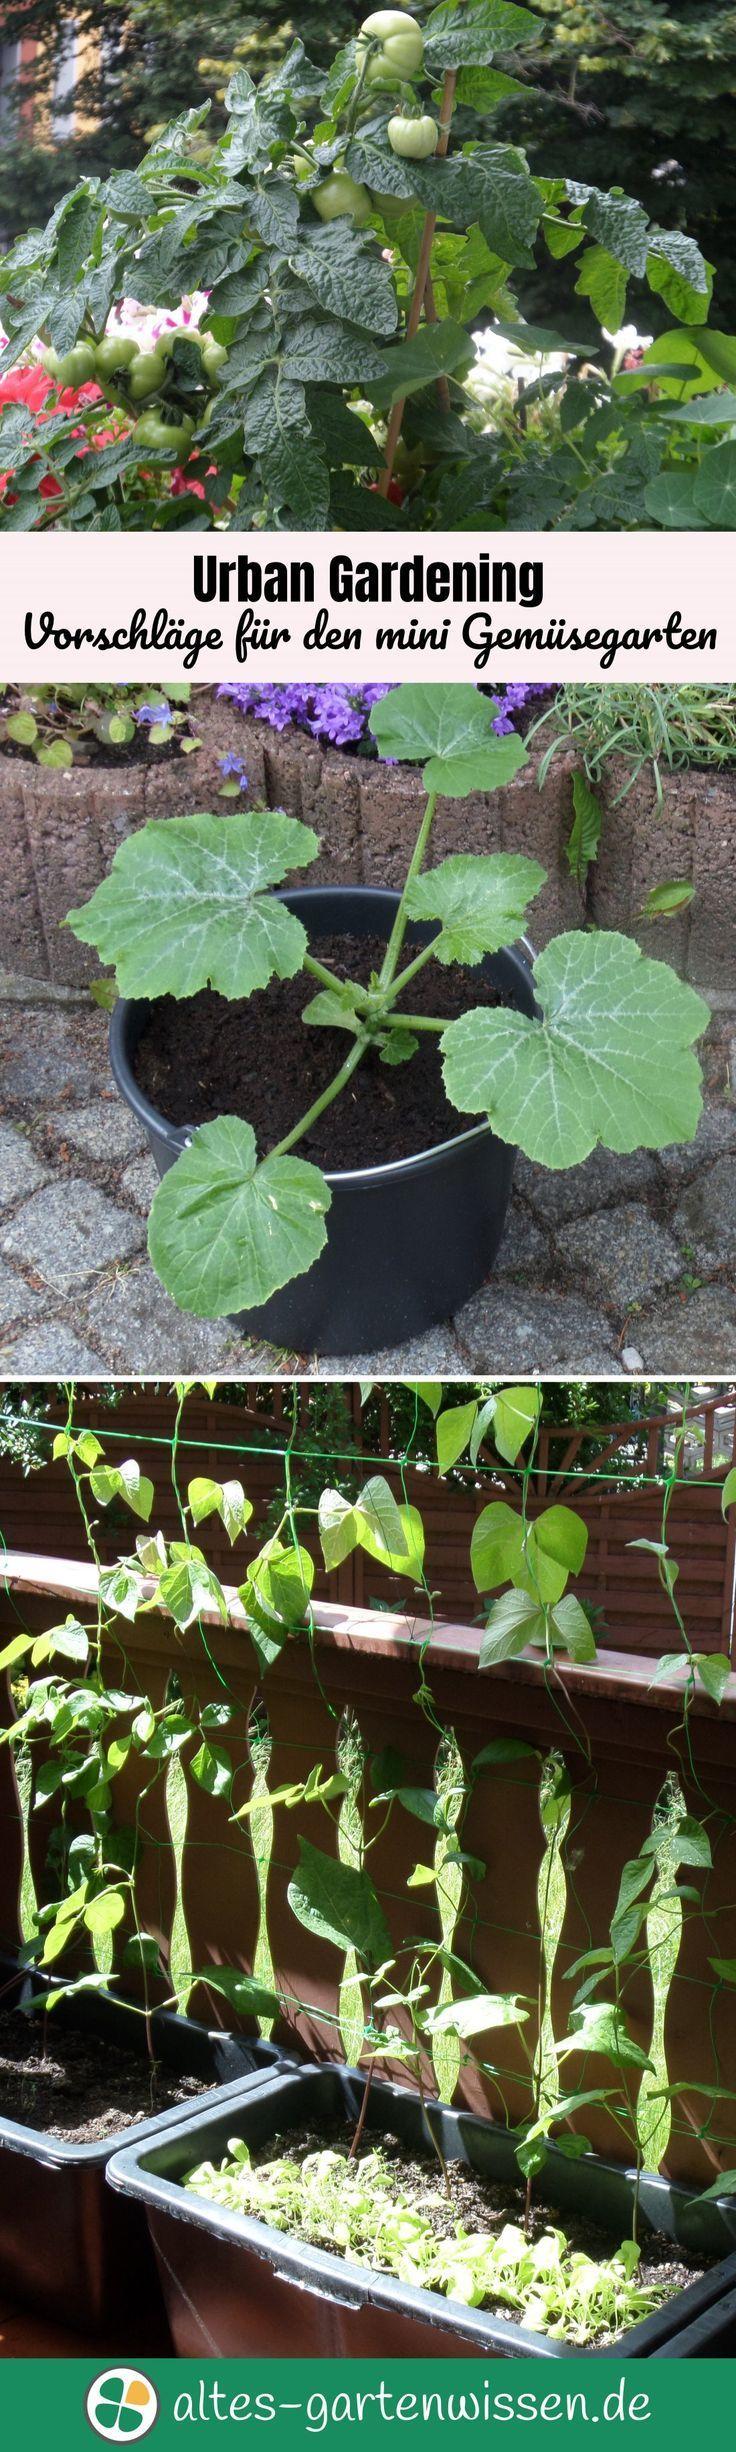 Urban Gardening – Vorschläge für den Mini-Gemüsegarten